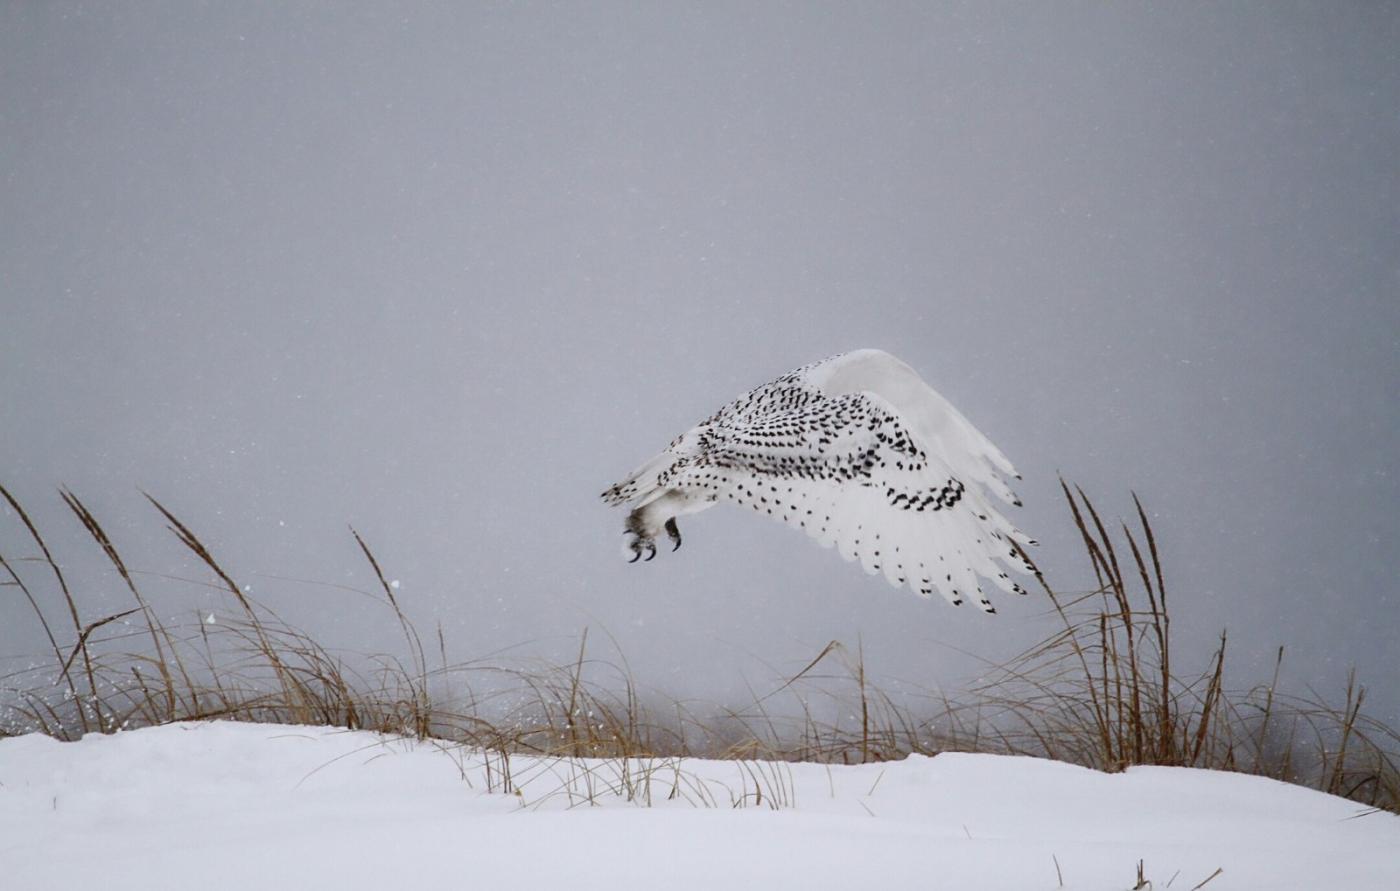 【田螺摄影】它坐着我坐着~抓拍雪猫鹰的萌态_图1-30